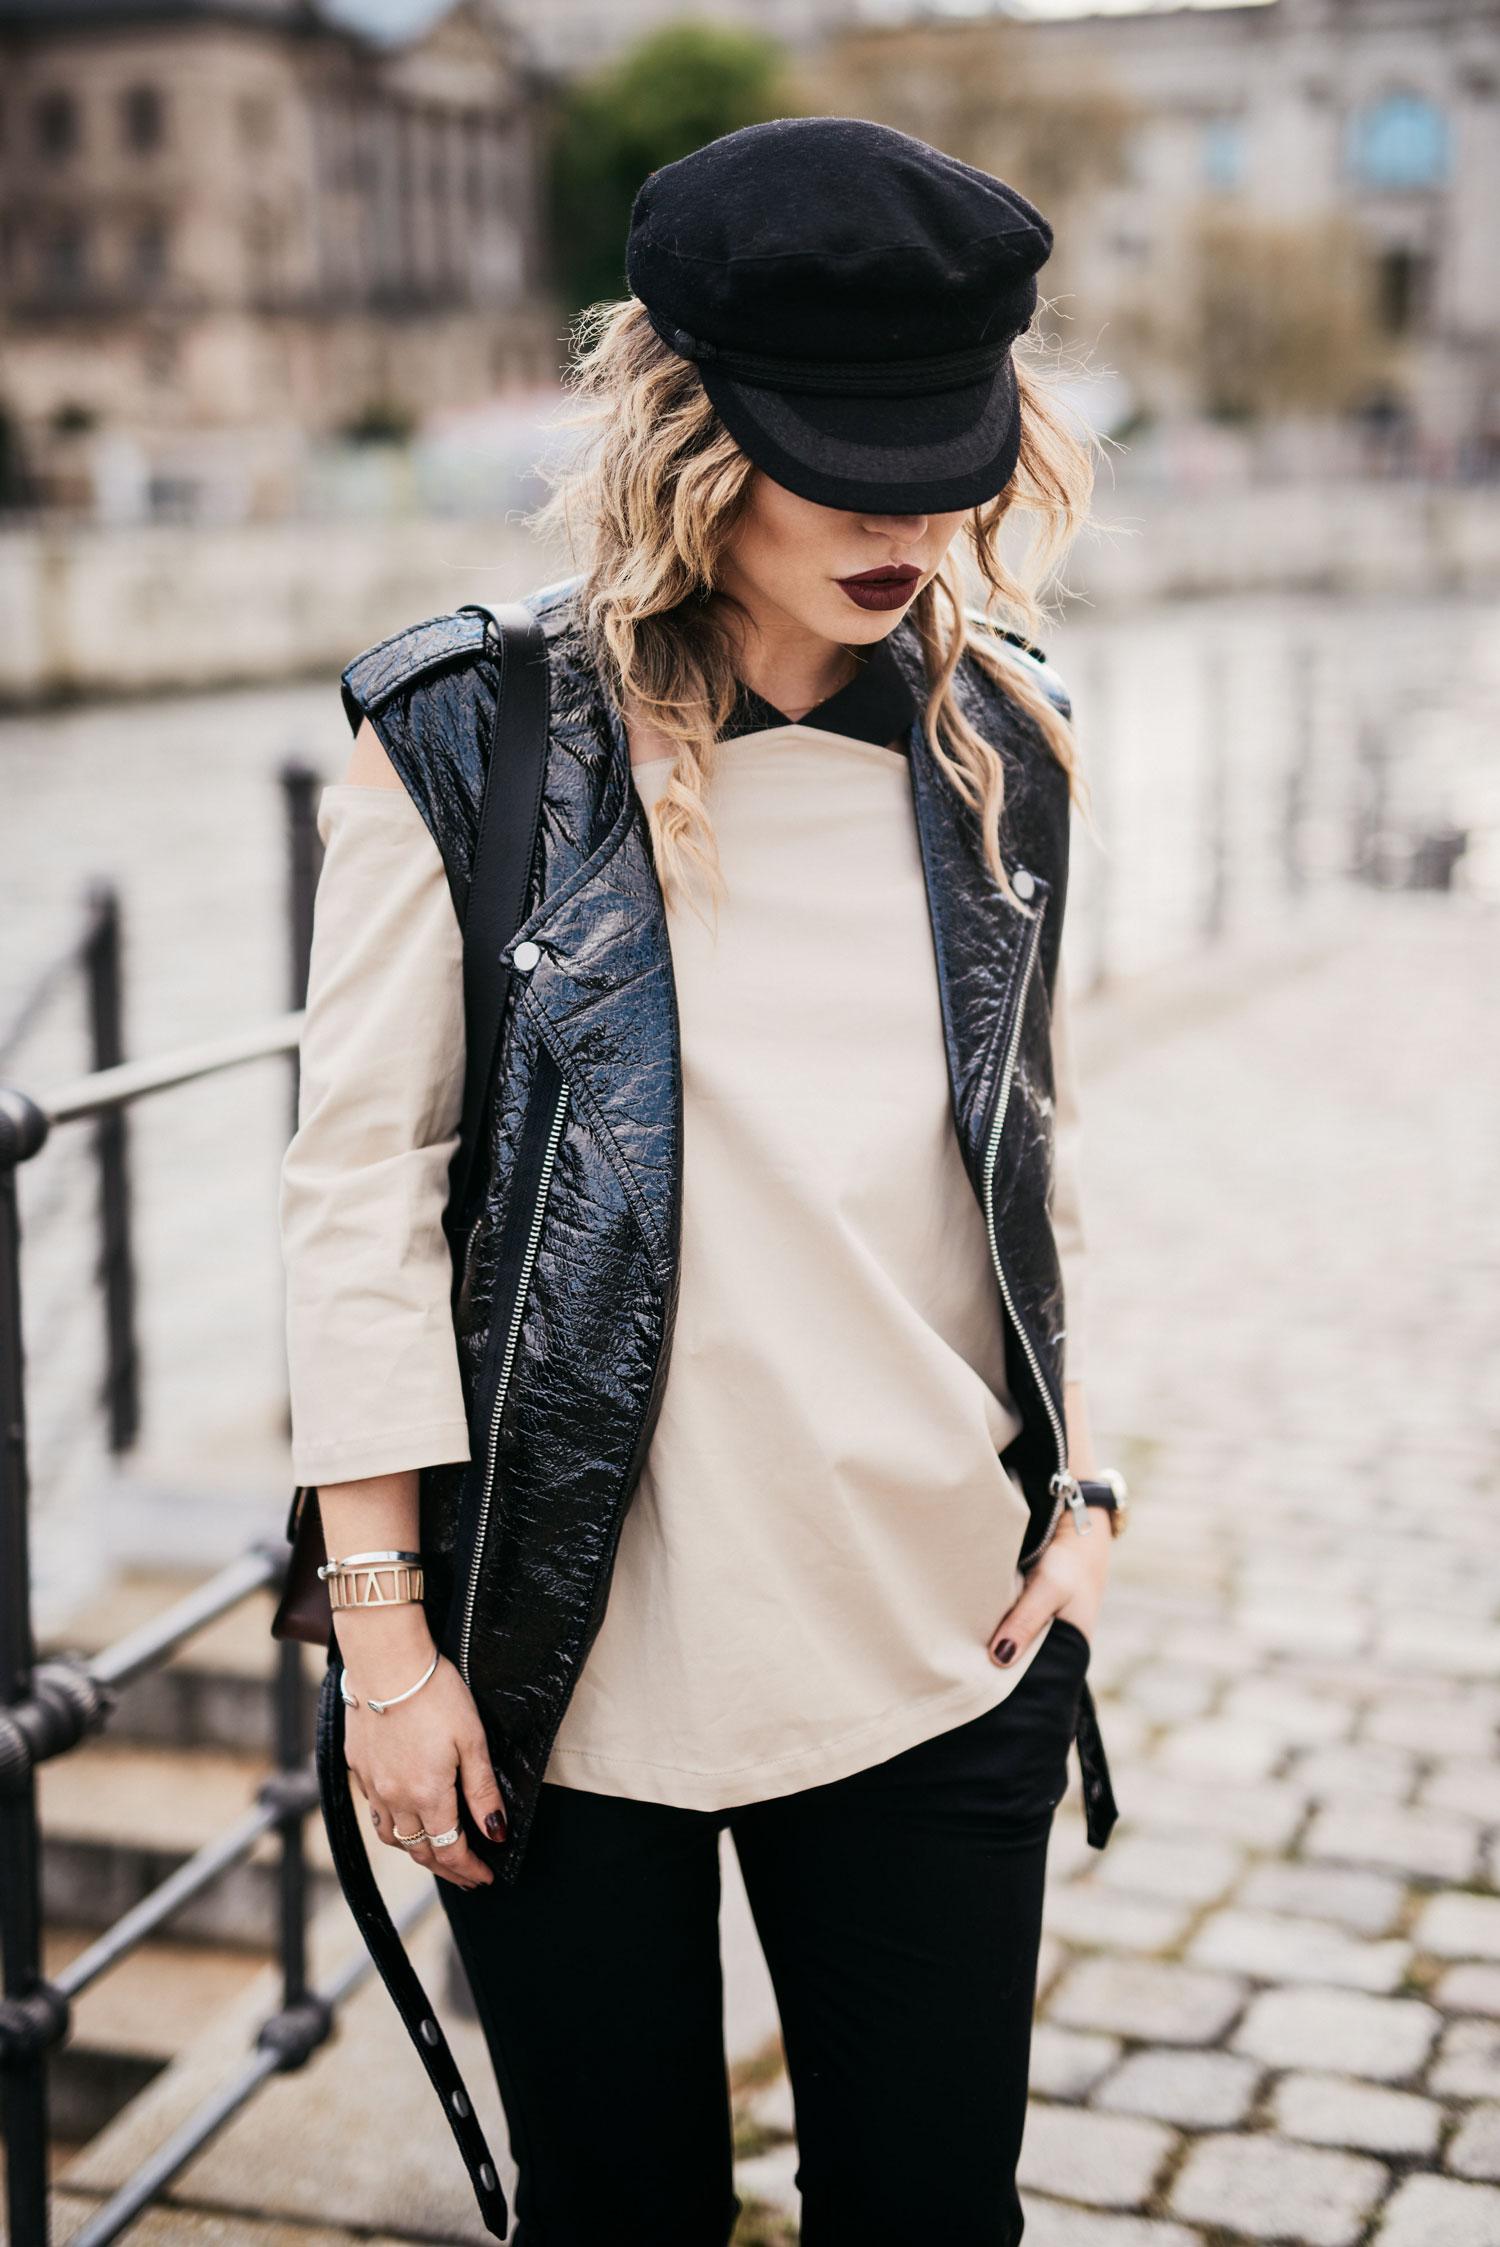 Модная тенденцию: Брюки с оборками | блоггер, образ, вдохновение | Стиль: 70-ые, женственный, современный, необычный, 80-ые | короткие брюки с оборками